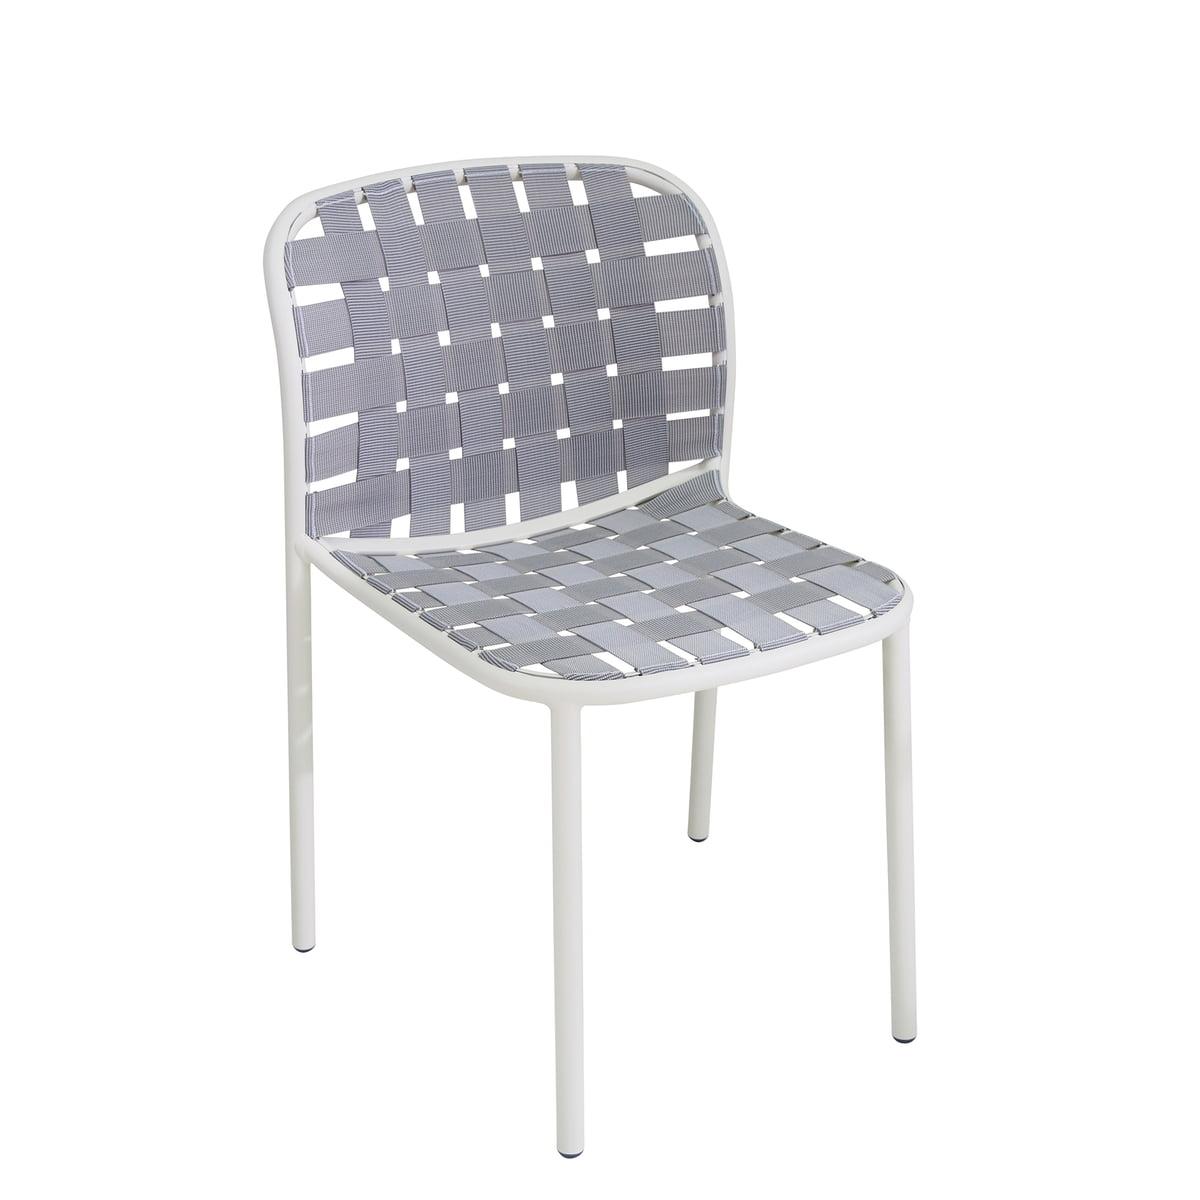 Yard Chair By Emu